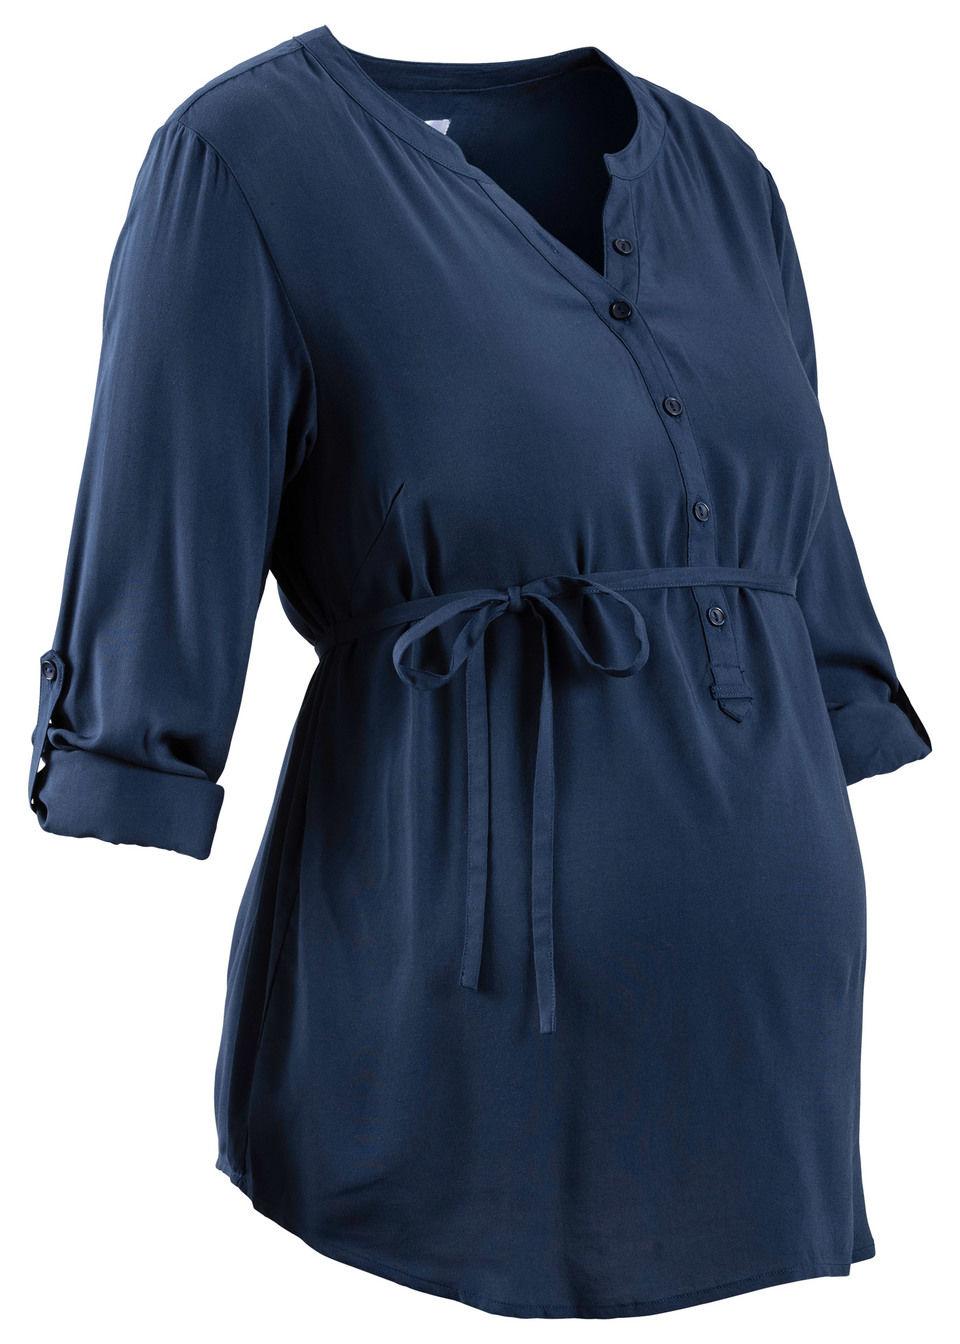 Для будущих мам: блузка с функцией кормления